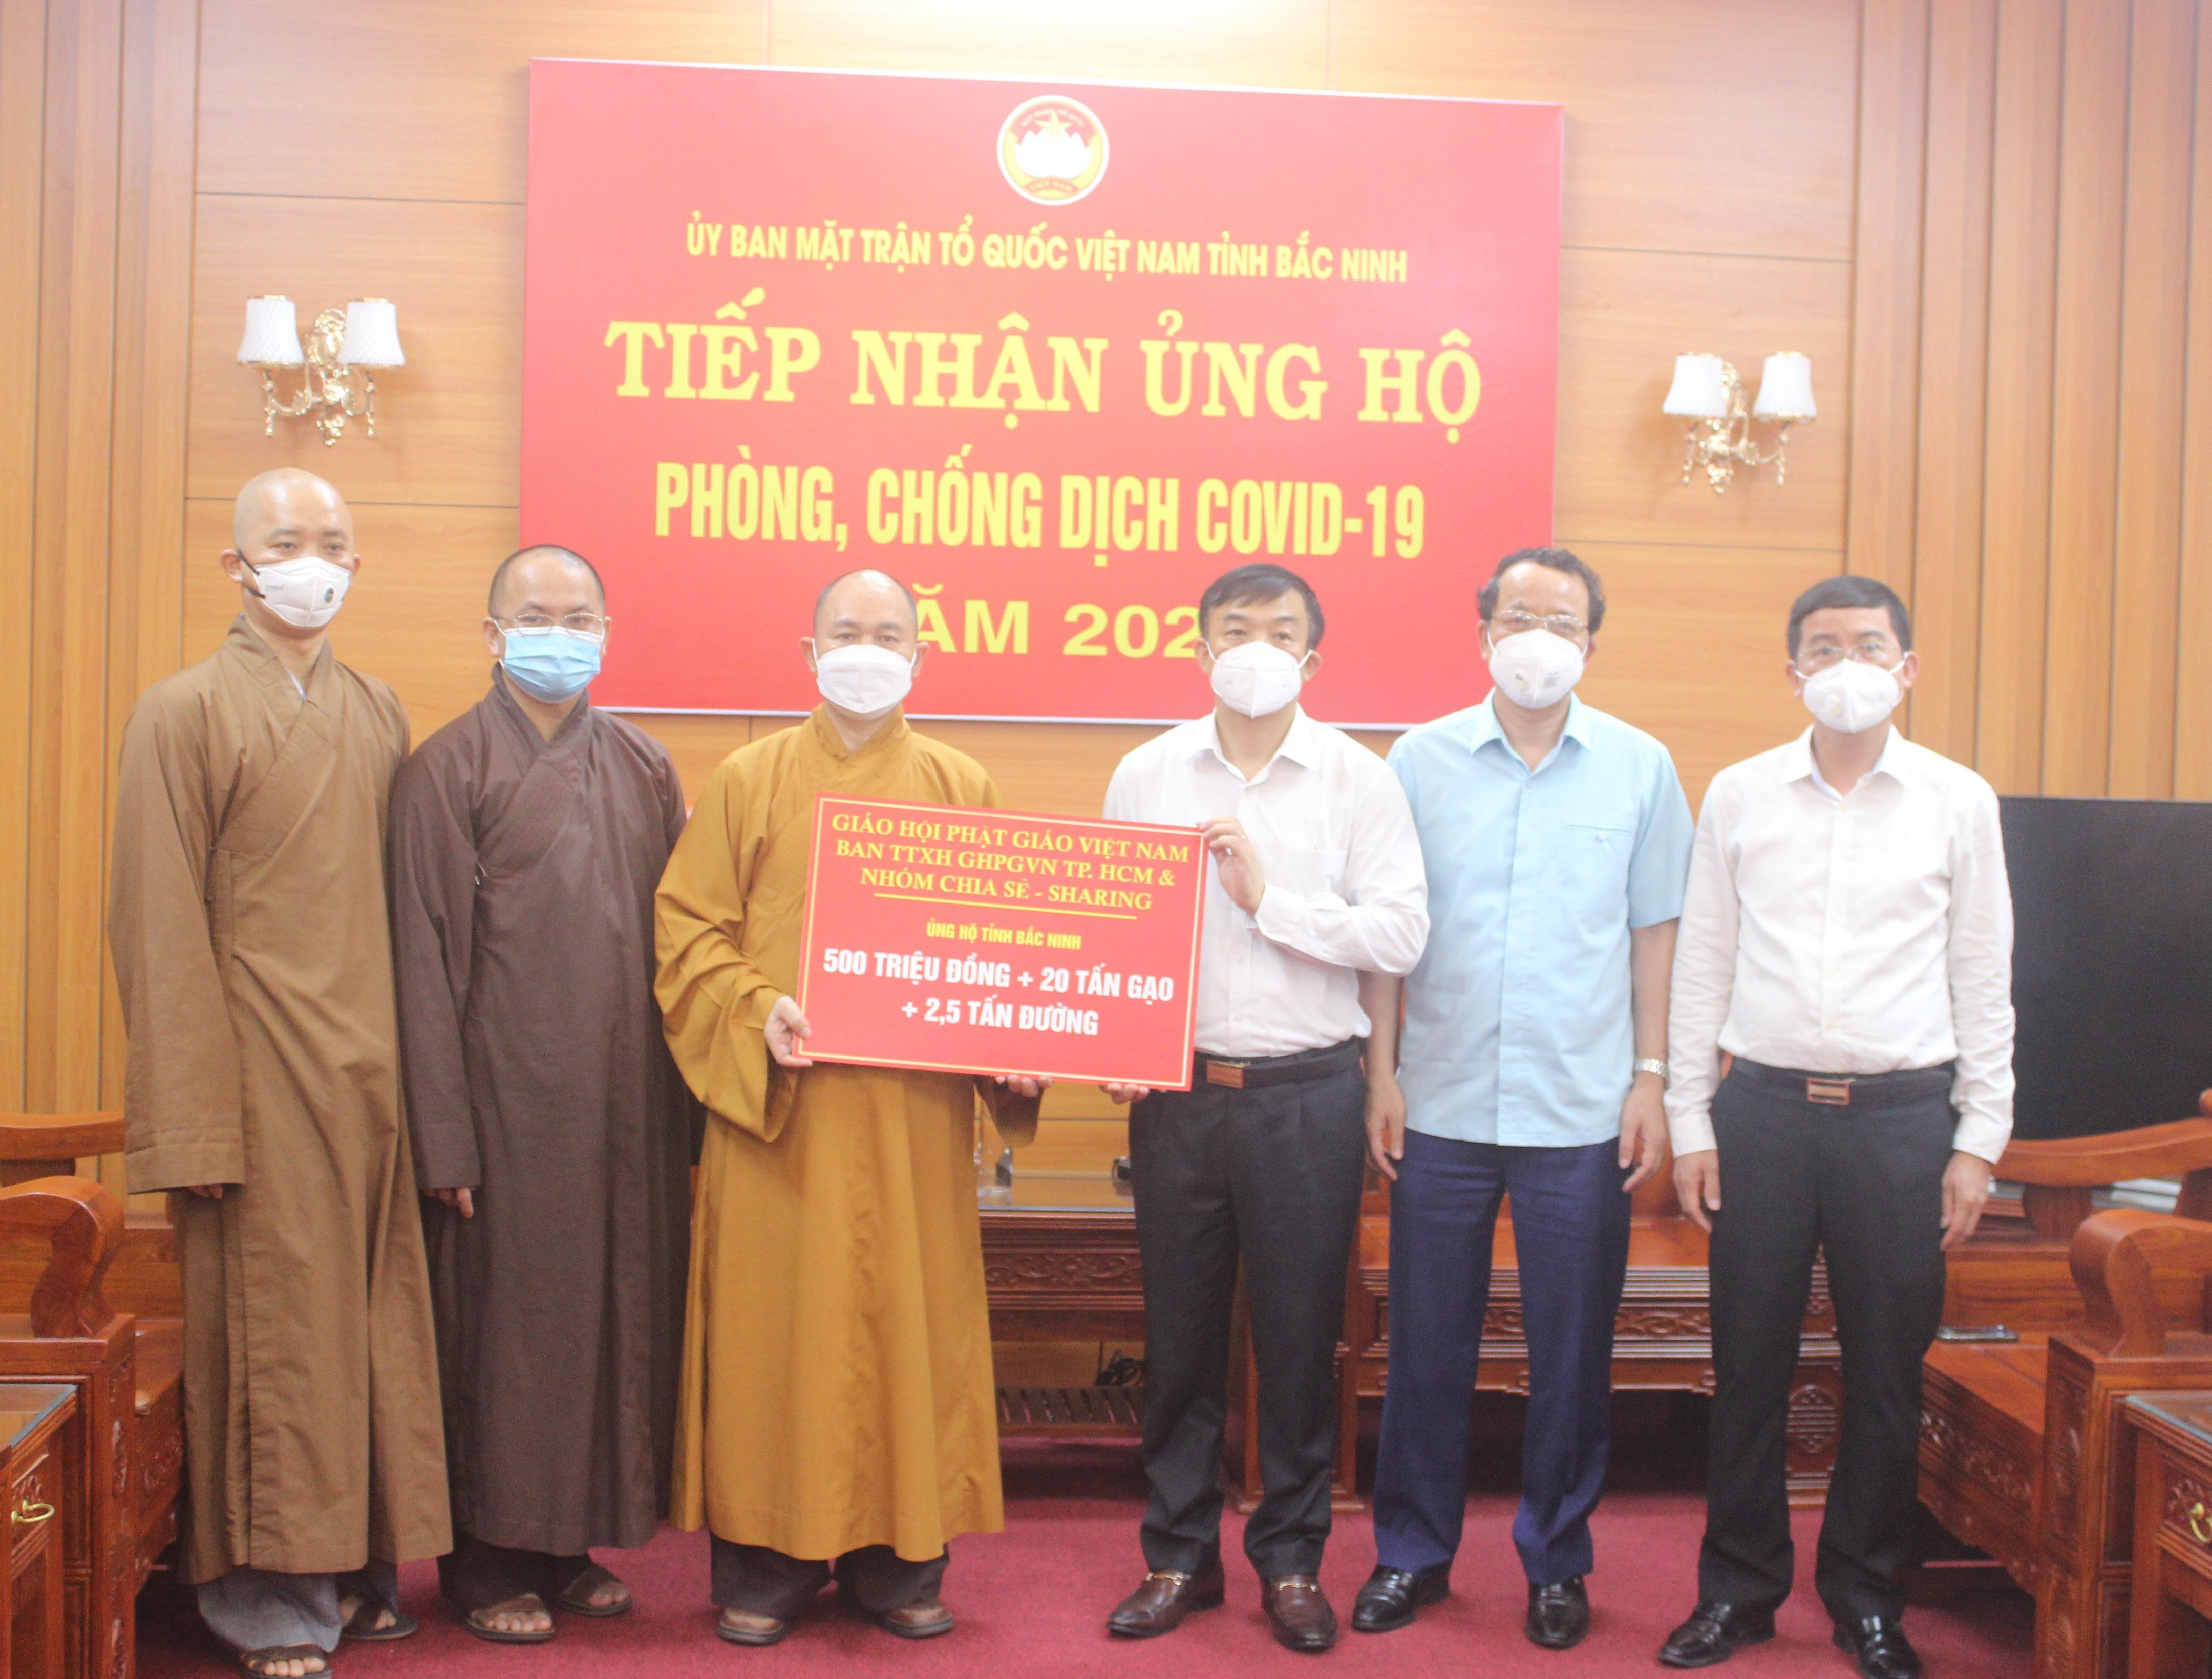 Giáo hội Phật giáo Việt Nam ủng hộ Bắc Ninh 500 triệu đồng phòng, chống dịch Covid-19